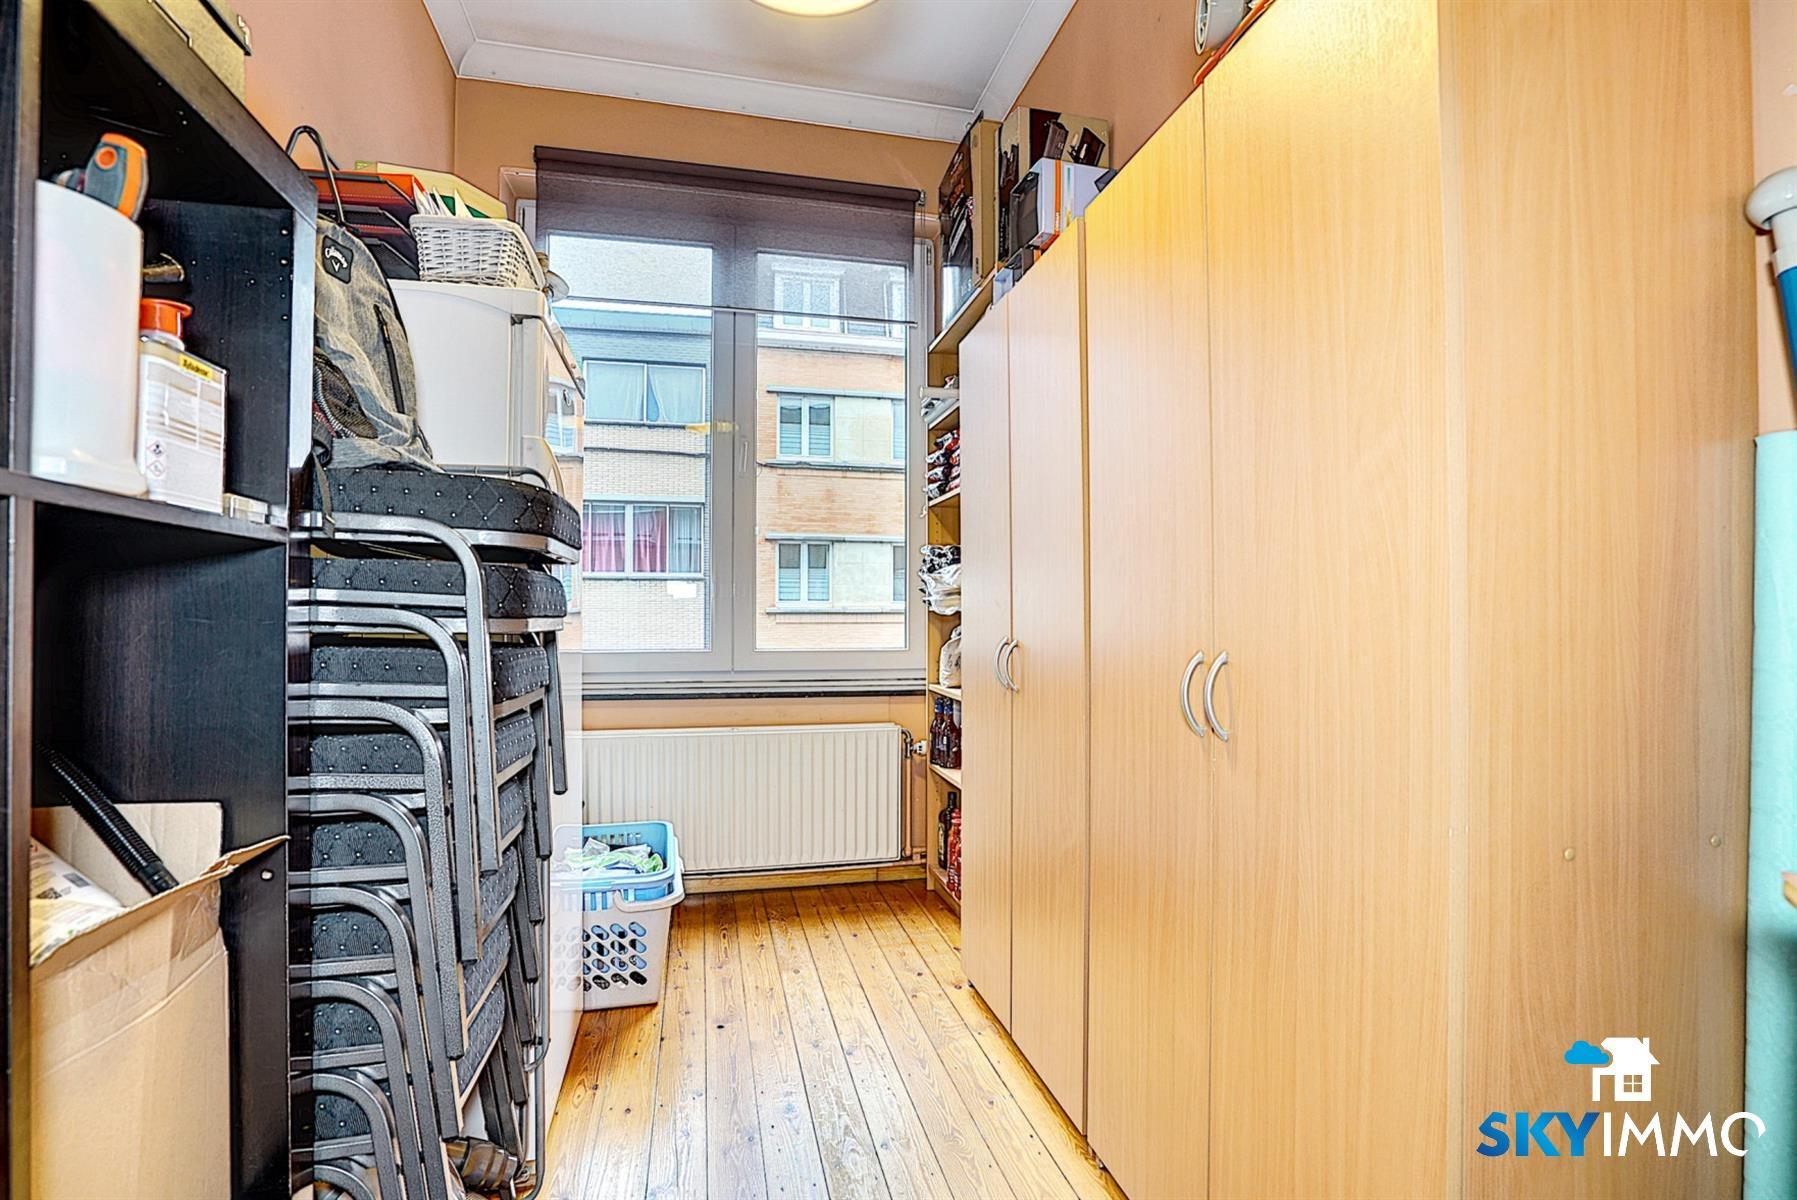 Maison - Liège - #4262984-36